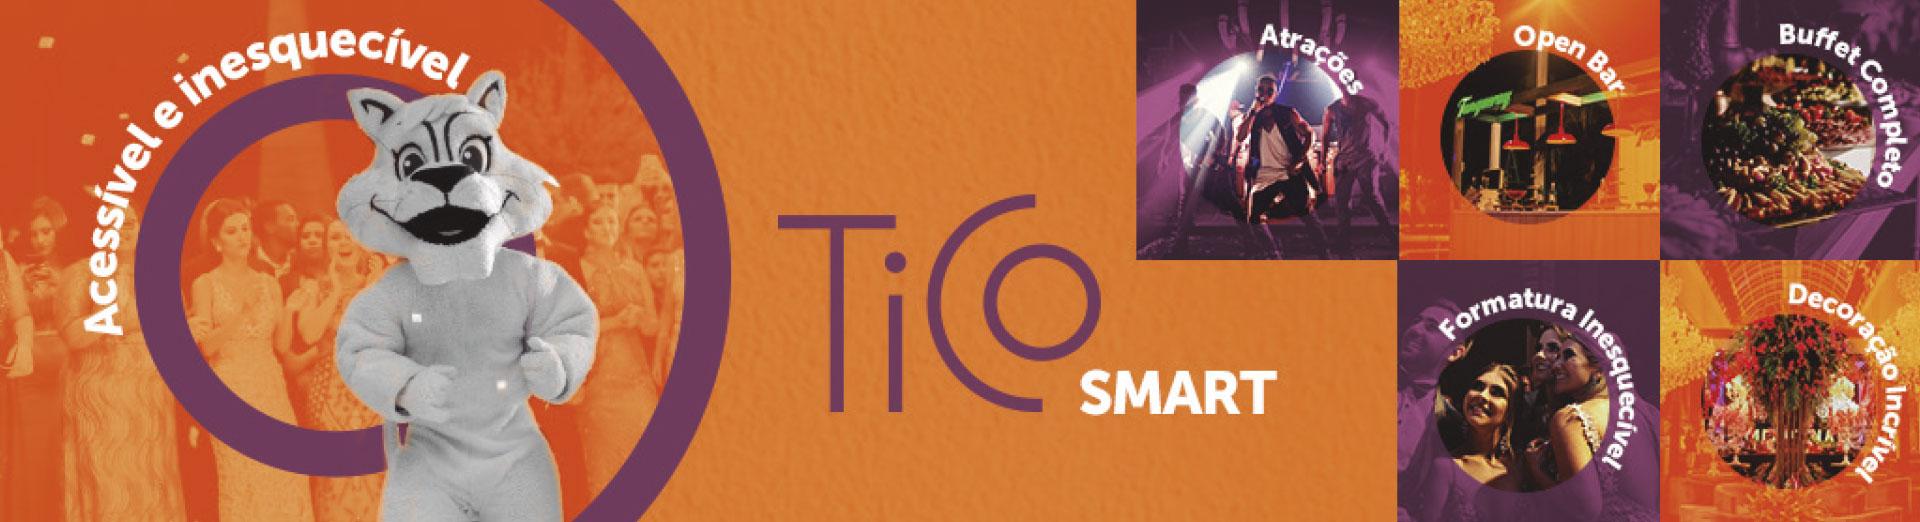 banner-smart-ticomia-formaturas